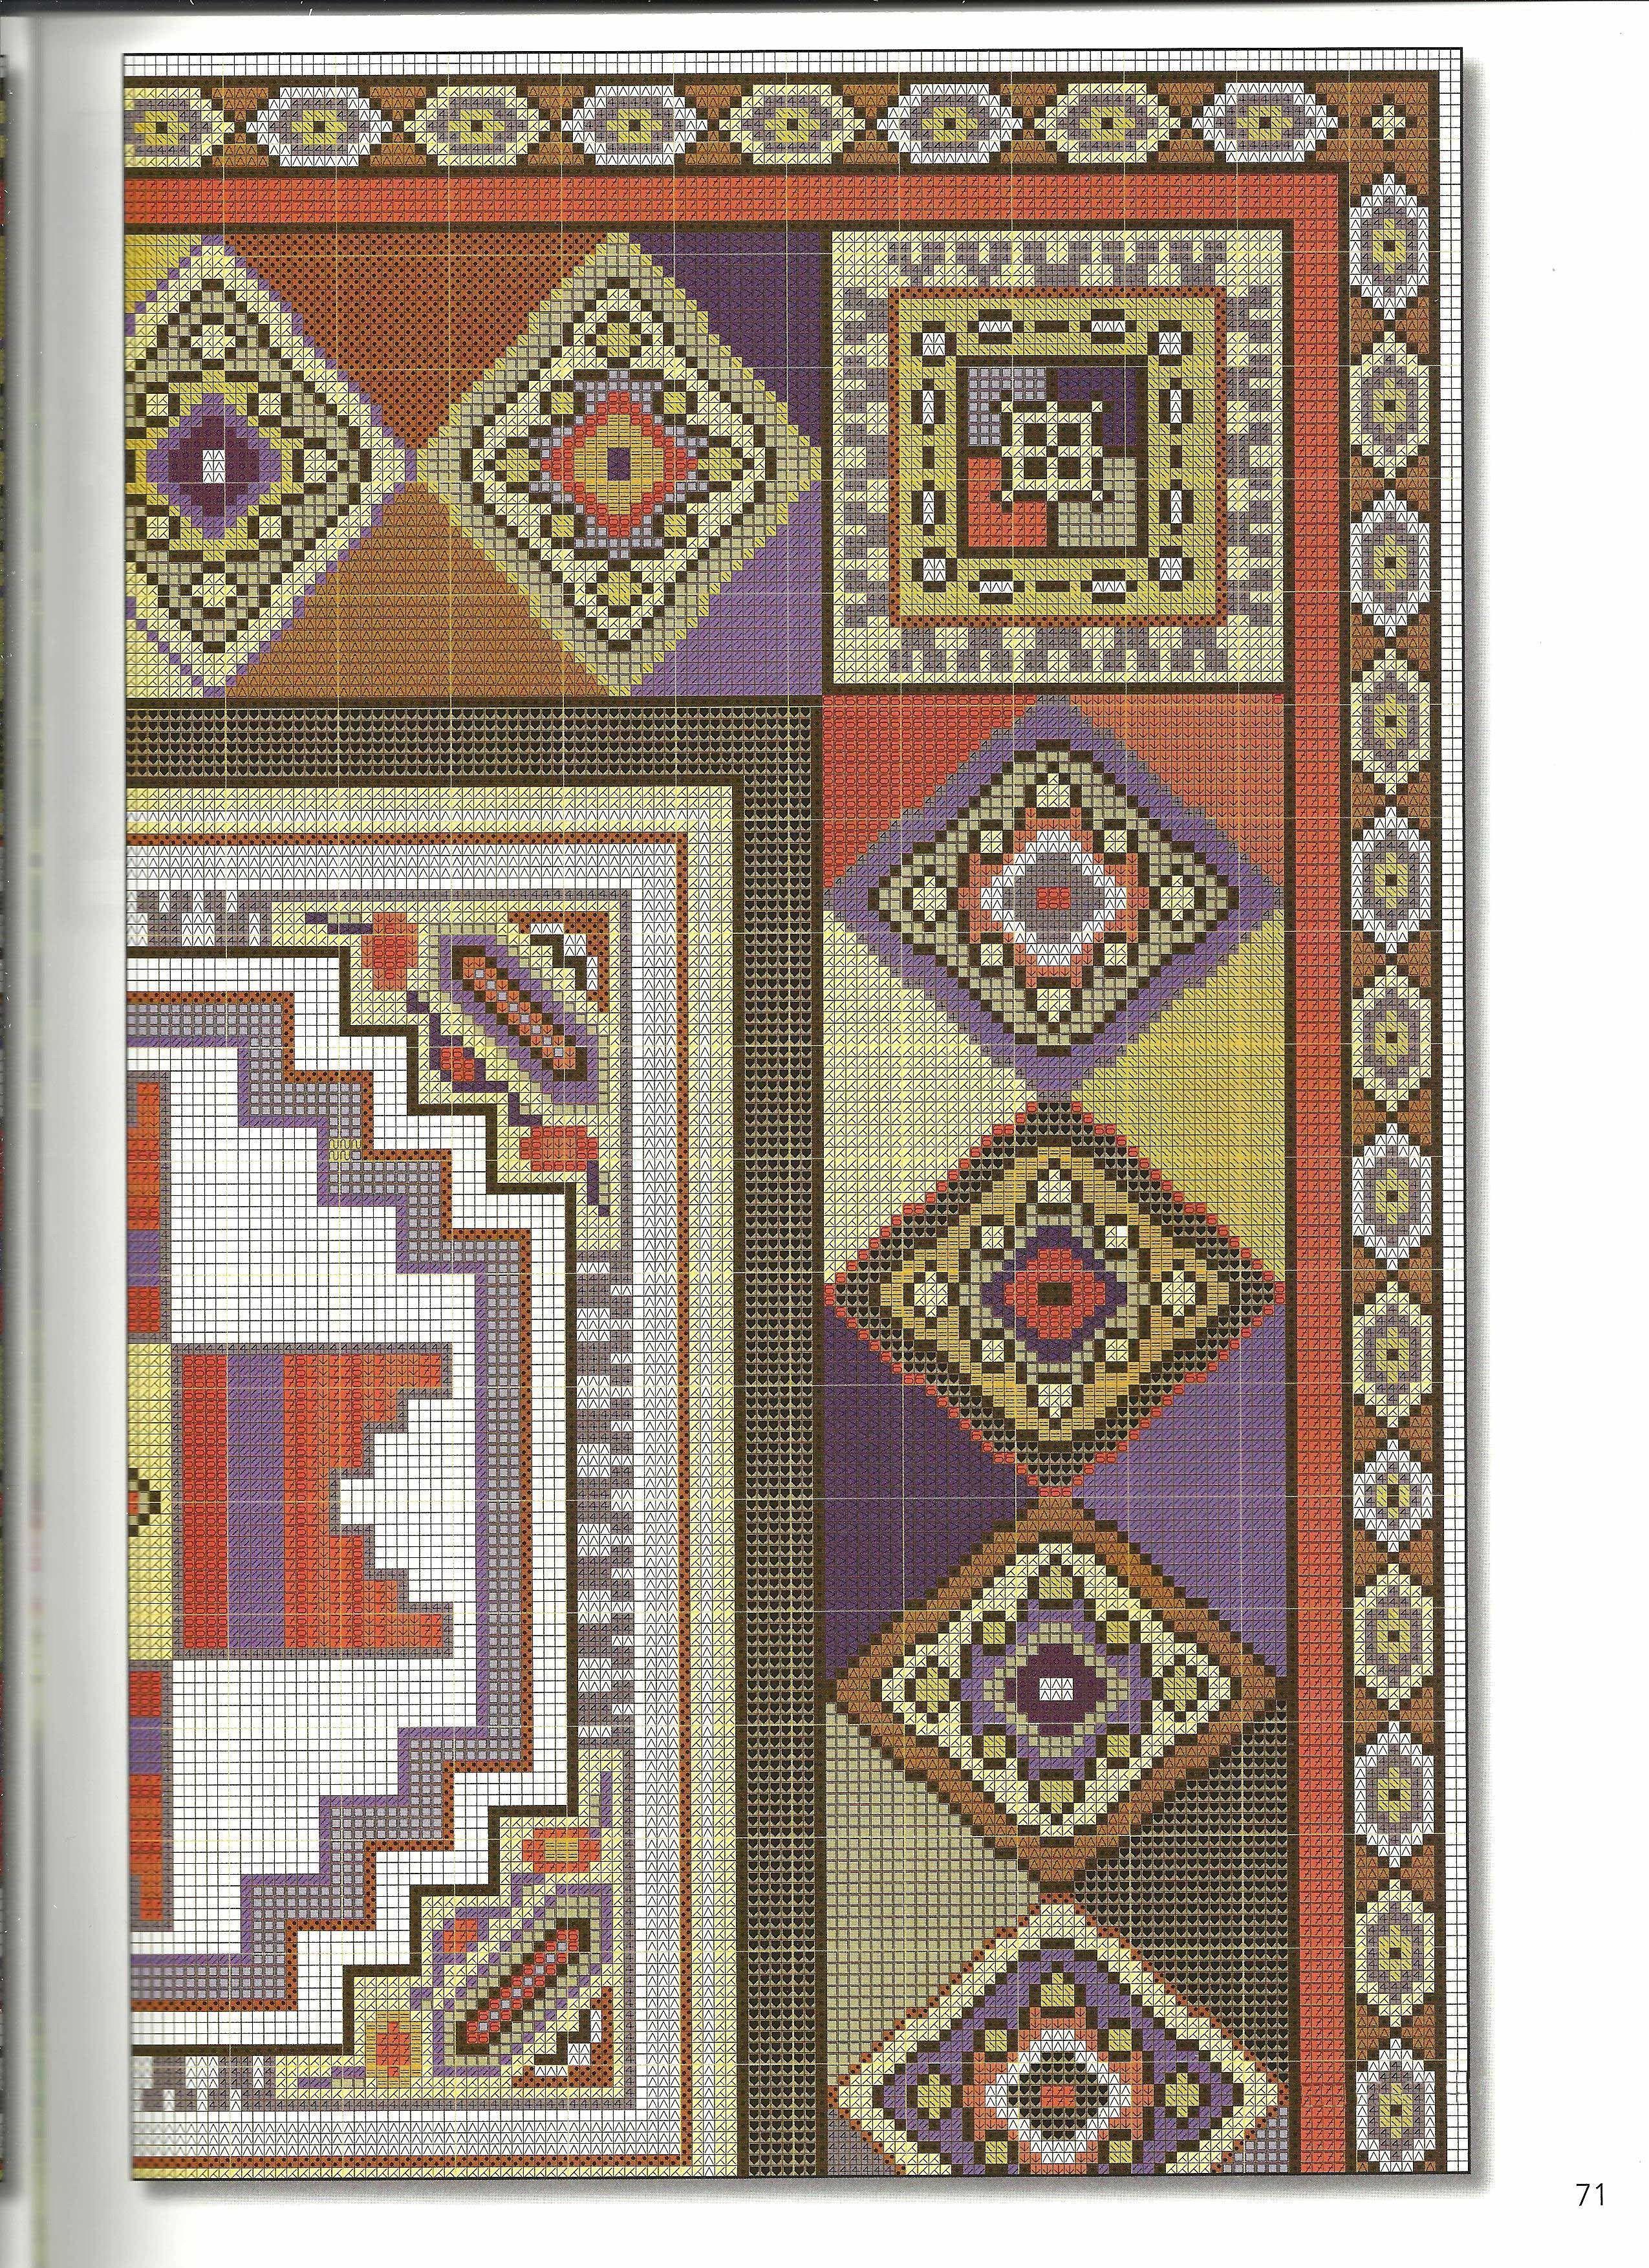 71 Jpg Desenhos Geom Tricos Para Ponto Cruz E Bordados Pinterest  -> Tapetes Desenhos